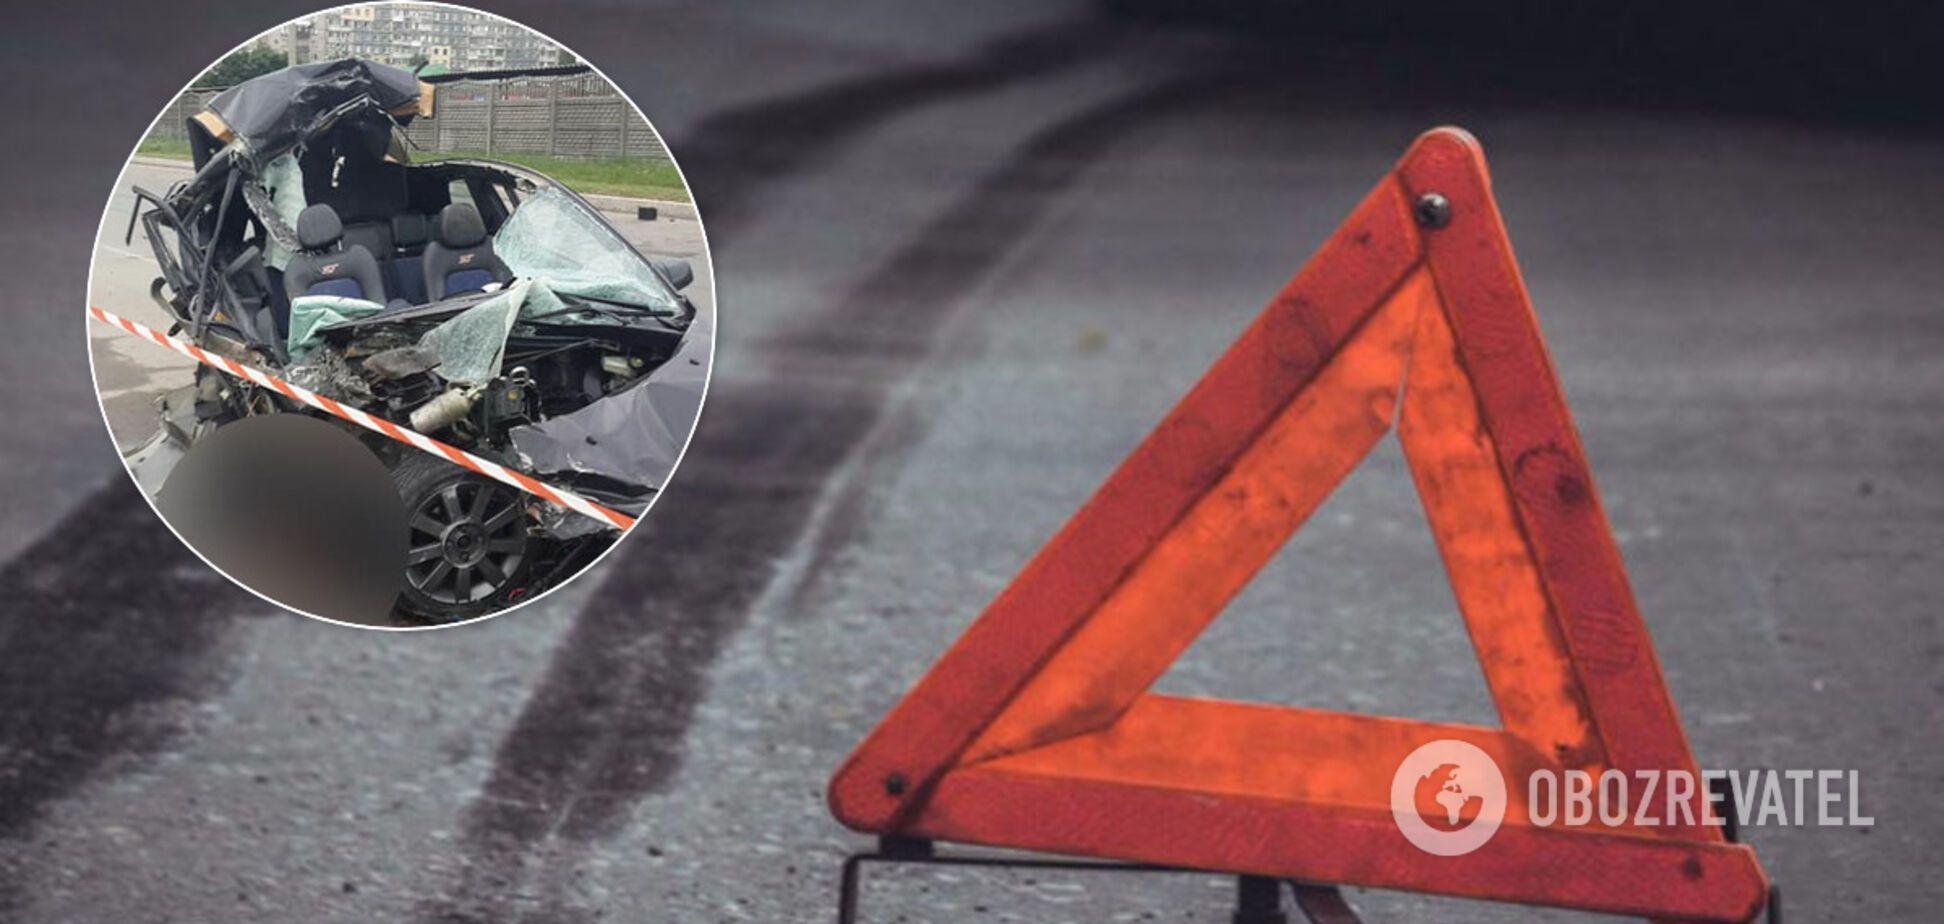 В Днепре превысившее скорость авто разбилось на глазах у полиции: есть жертвы. Фото 18+